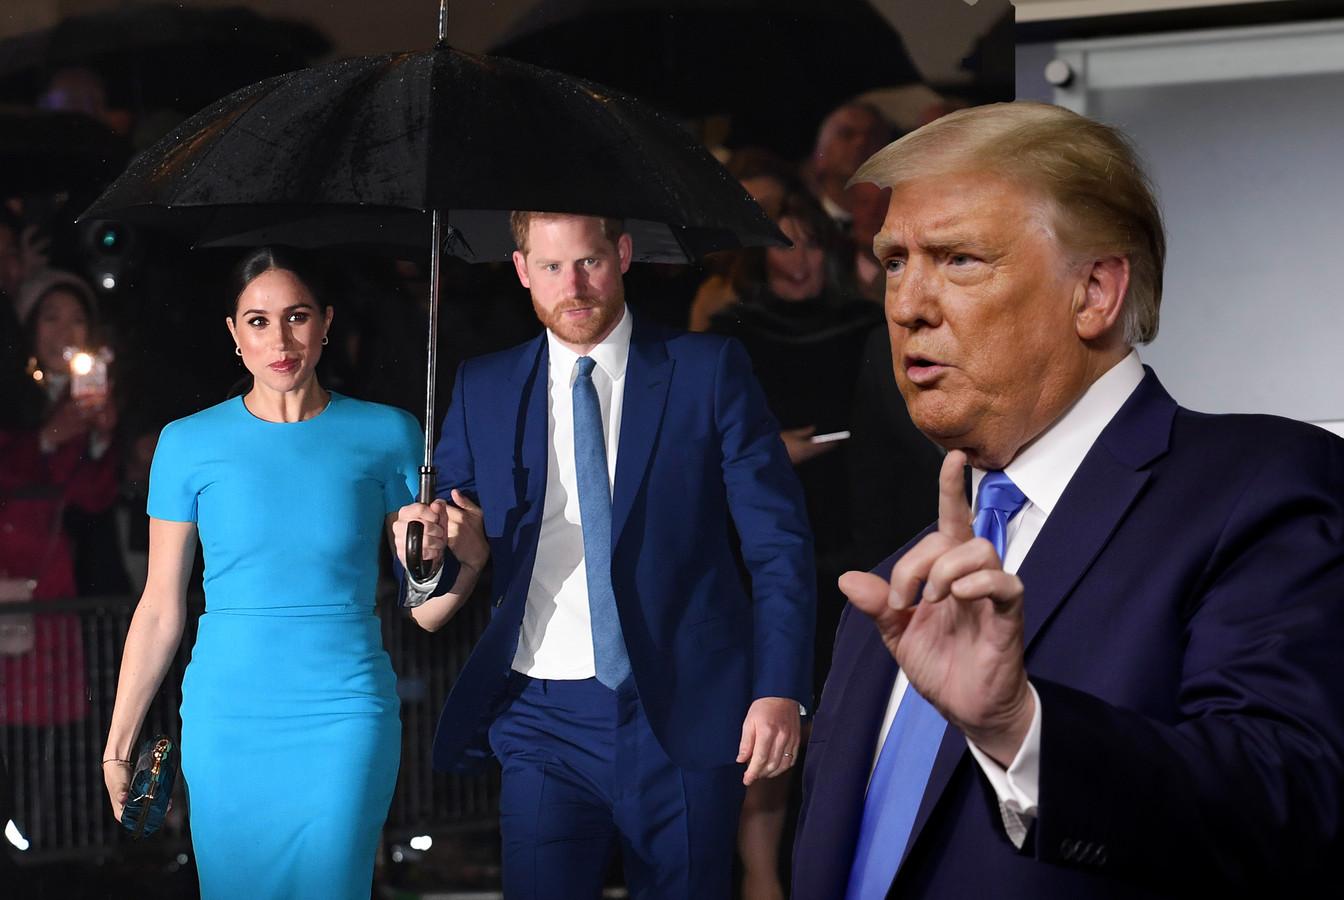 Donald Trump heeft uitgehaald naar Meghan Markle